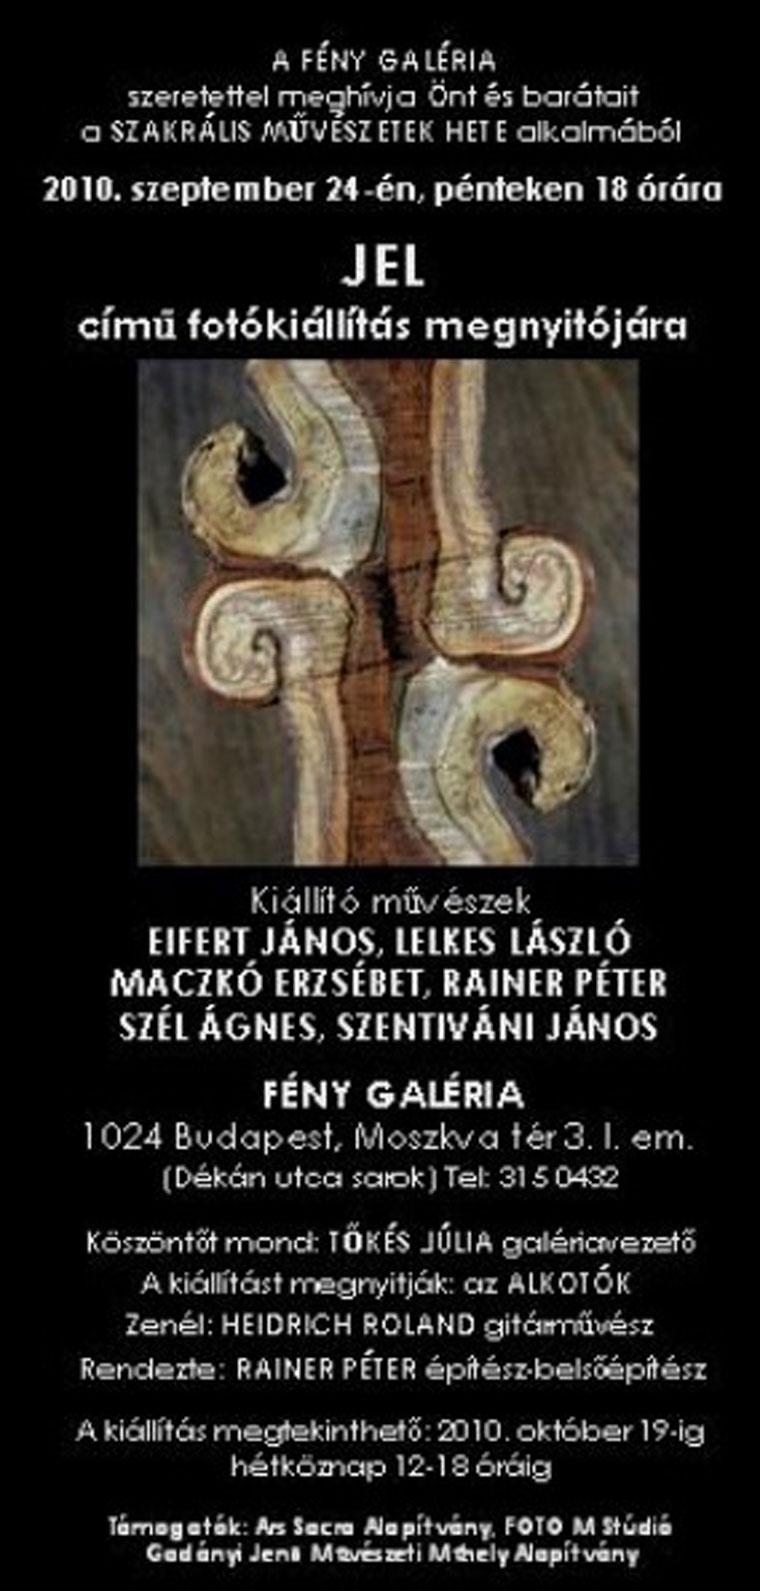 FÉNY-Galéria-meghívó-2010